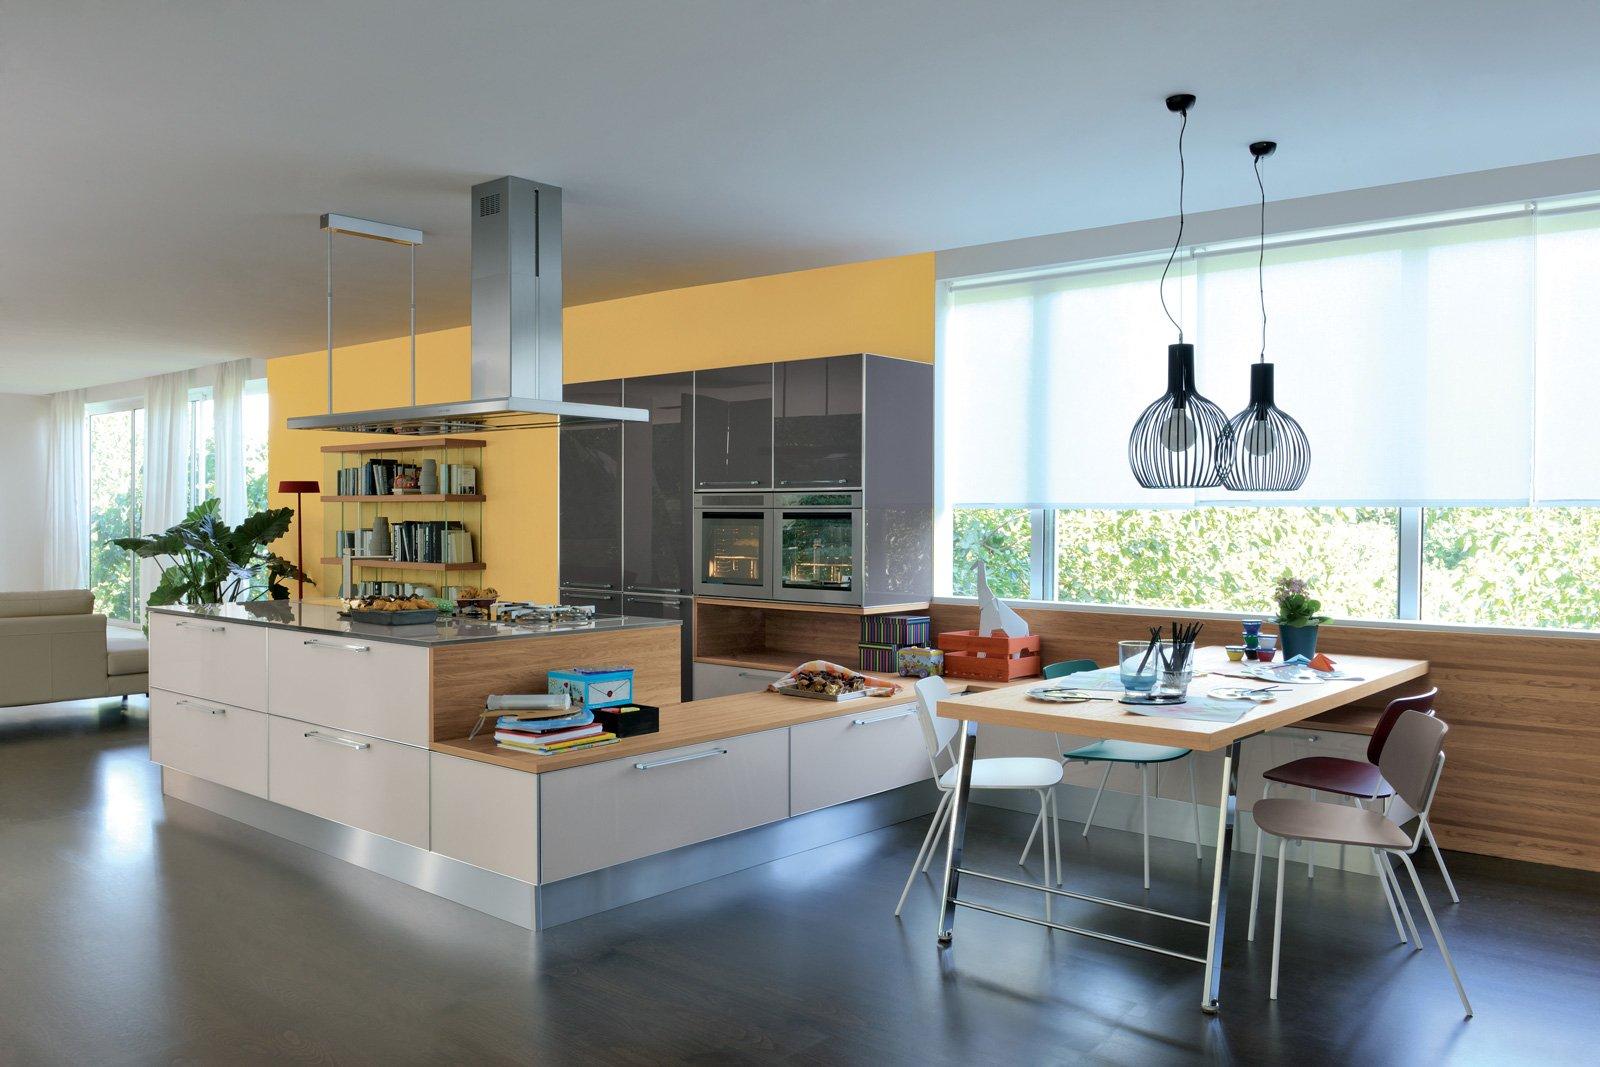 Arredamento cucine piccole cose di casa - Cucine di piccole dimensioni ...